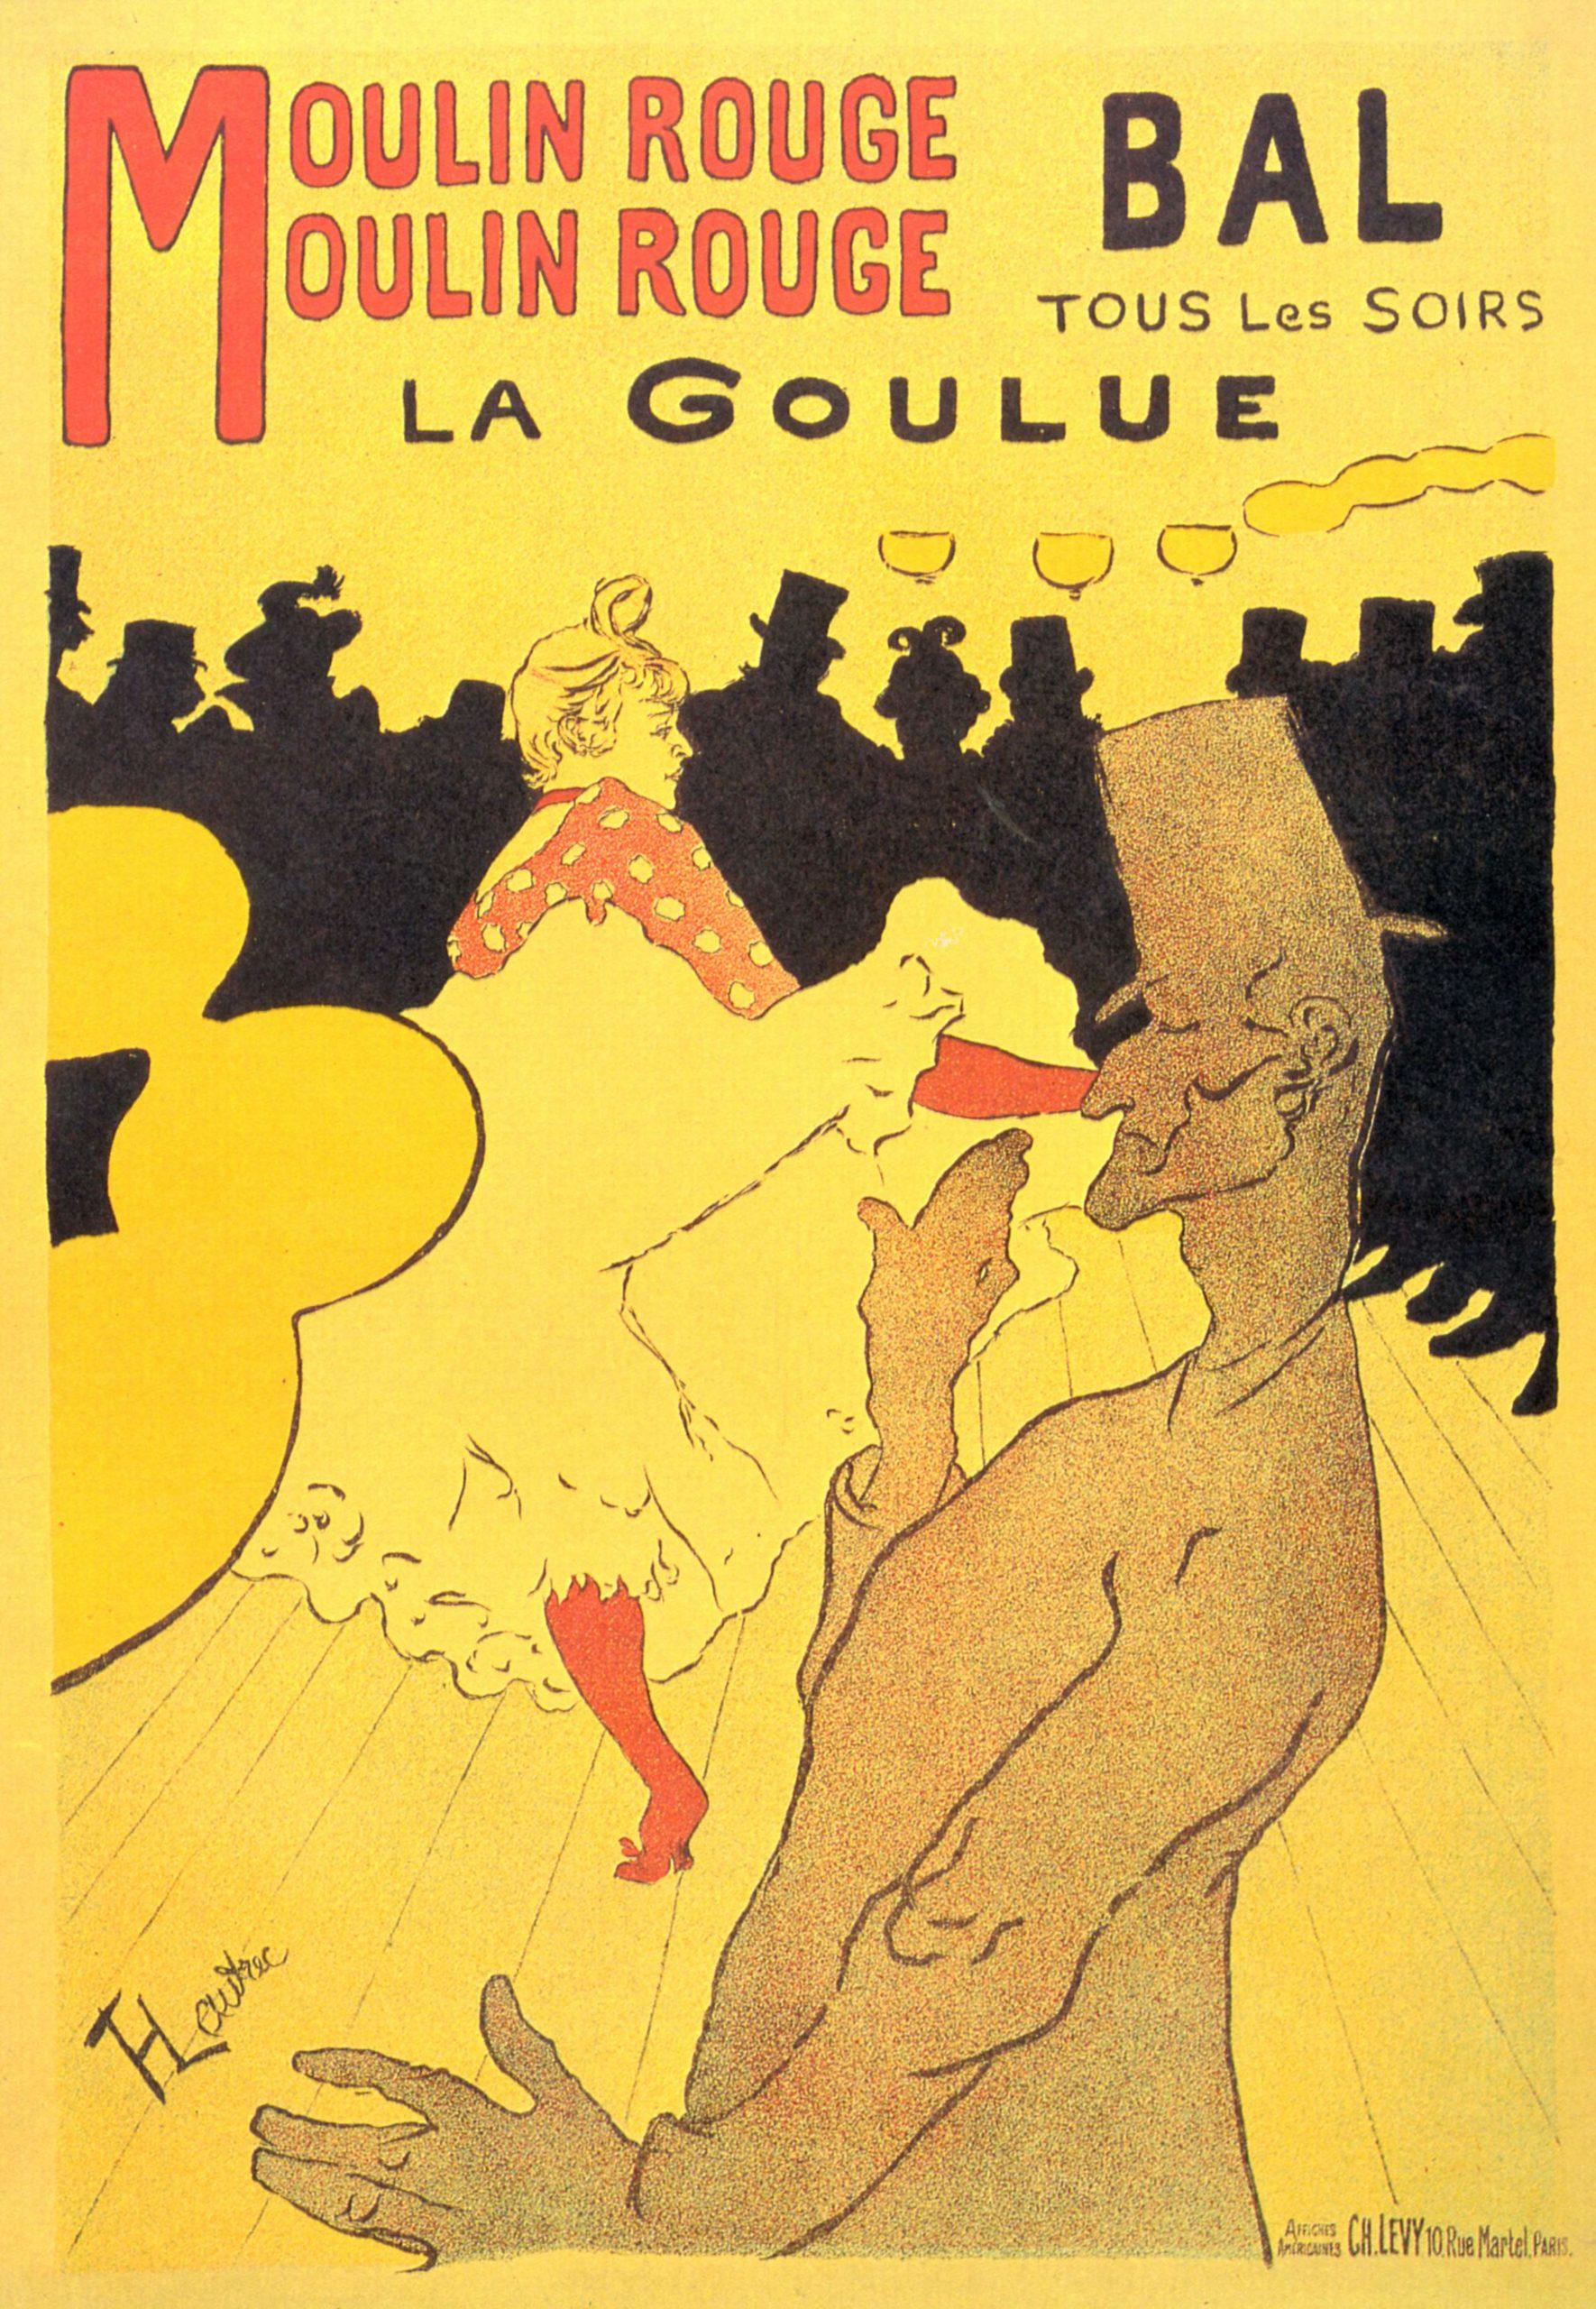 Moulin Rouge: La Goulue (1891) - Henri de Toulouse-Lautrec